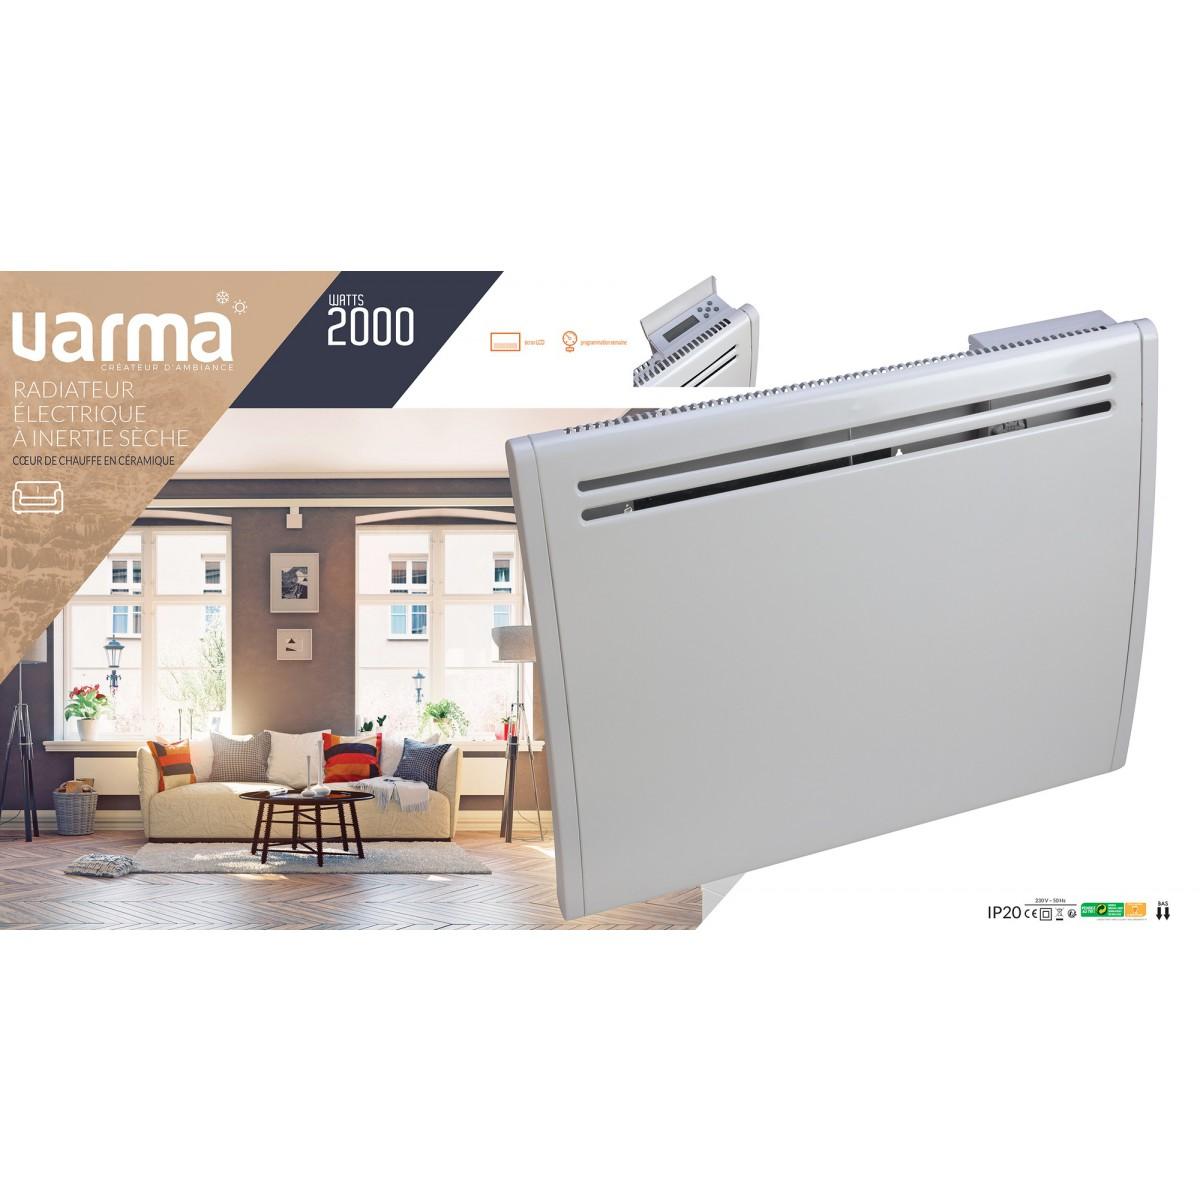 radiateur lectrique inertie s che varma 2000 w de. Black Bedroom Furniture Sets. Home Design Ideas